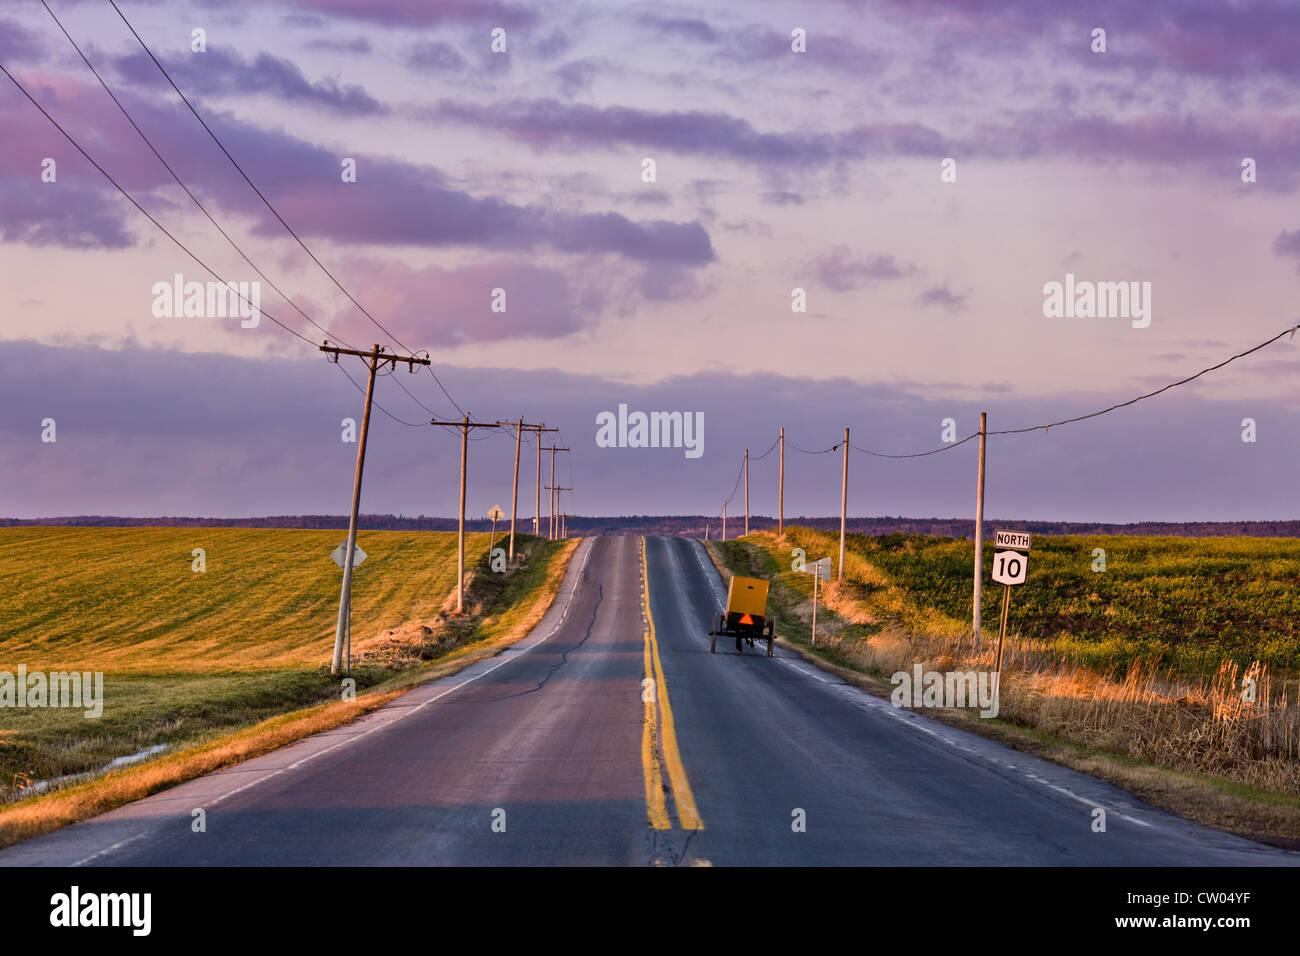 Amish buggy viajando de una carretera en la granja de país, a finales de otoño, Mohawk Valley, el centro Imagen De Stock